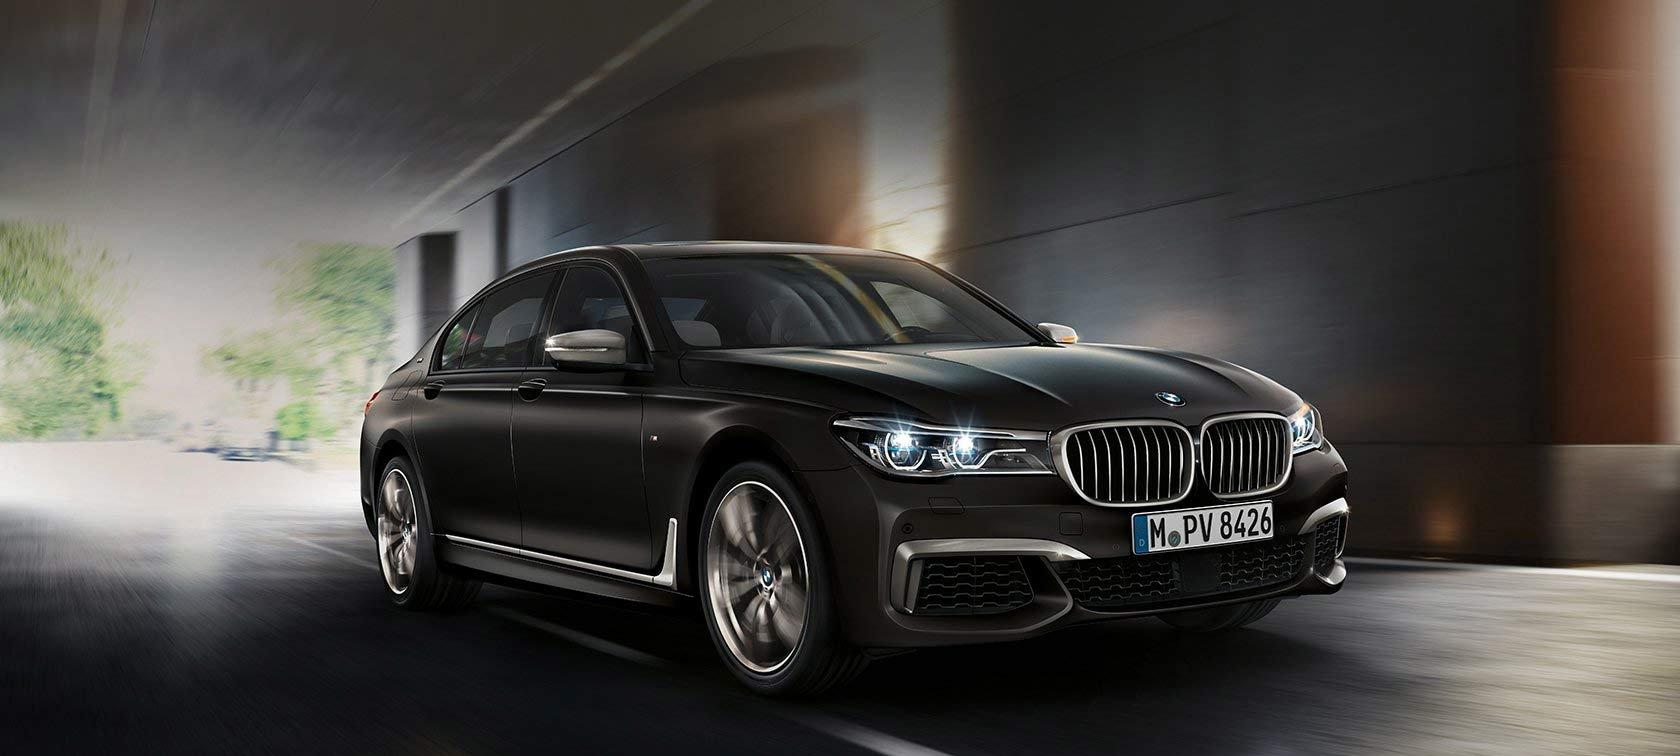 BMWзапустила подписку на свои автомобили